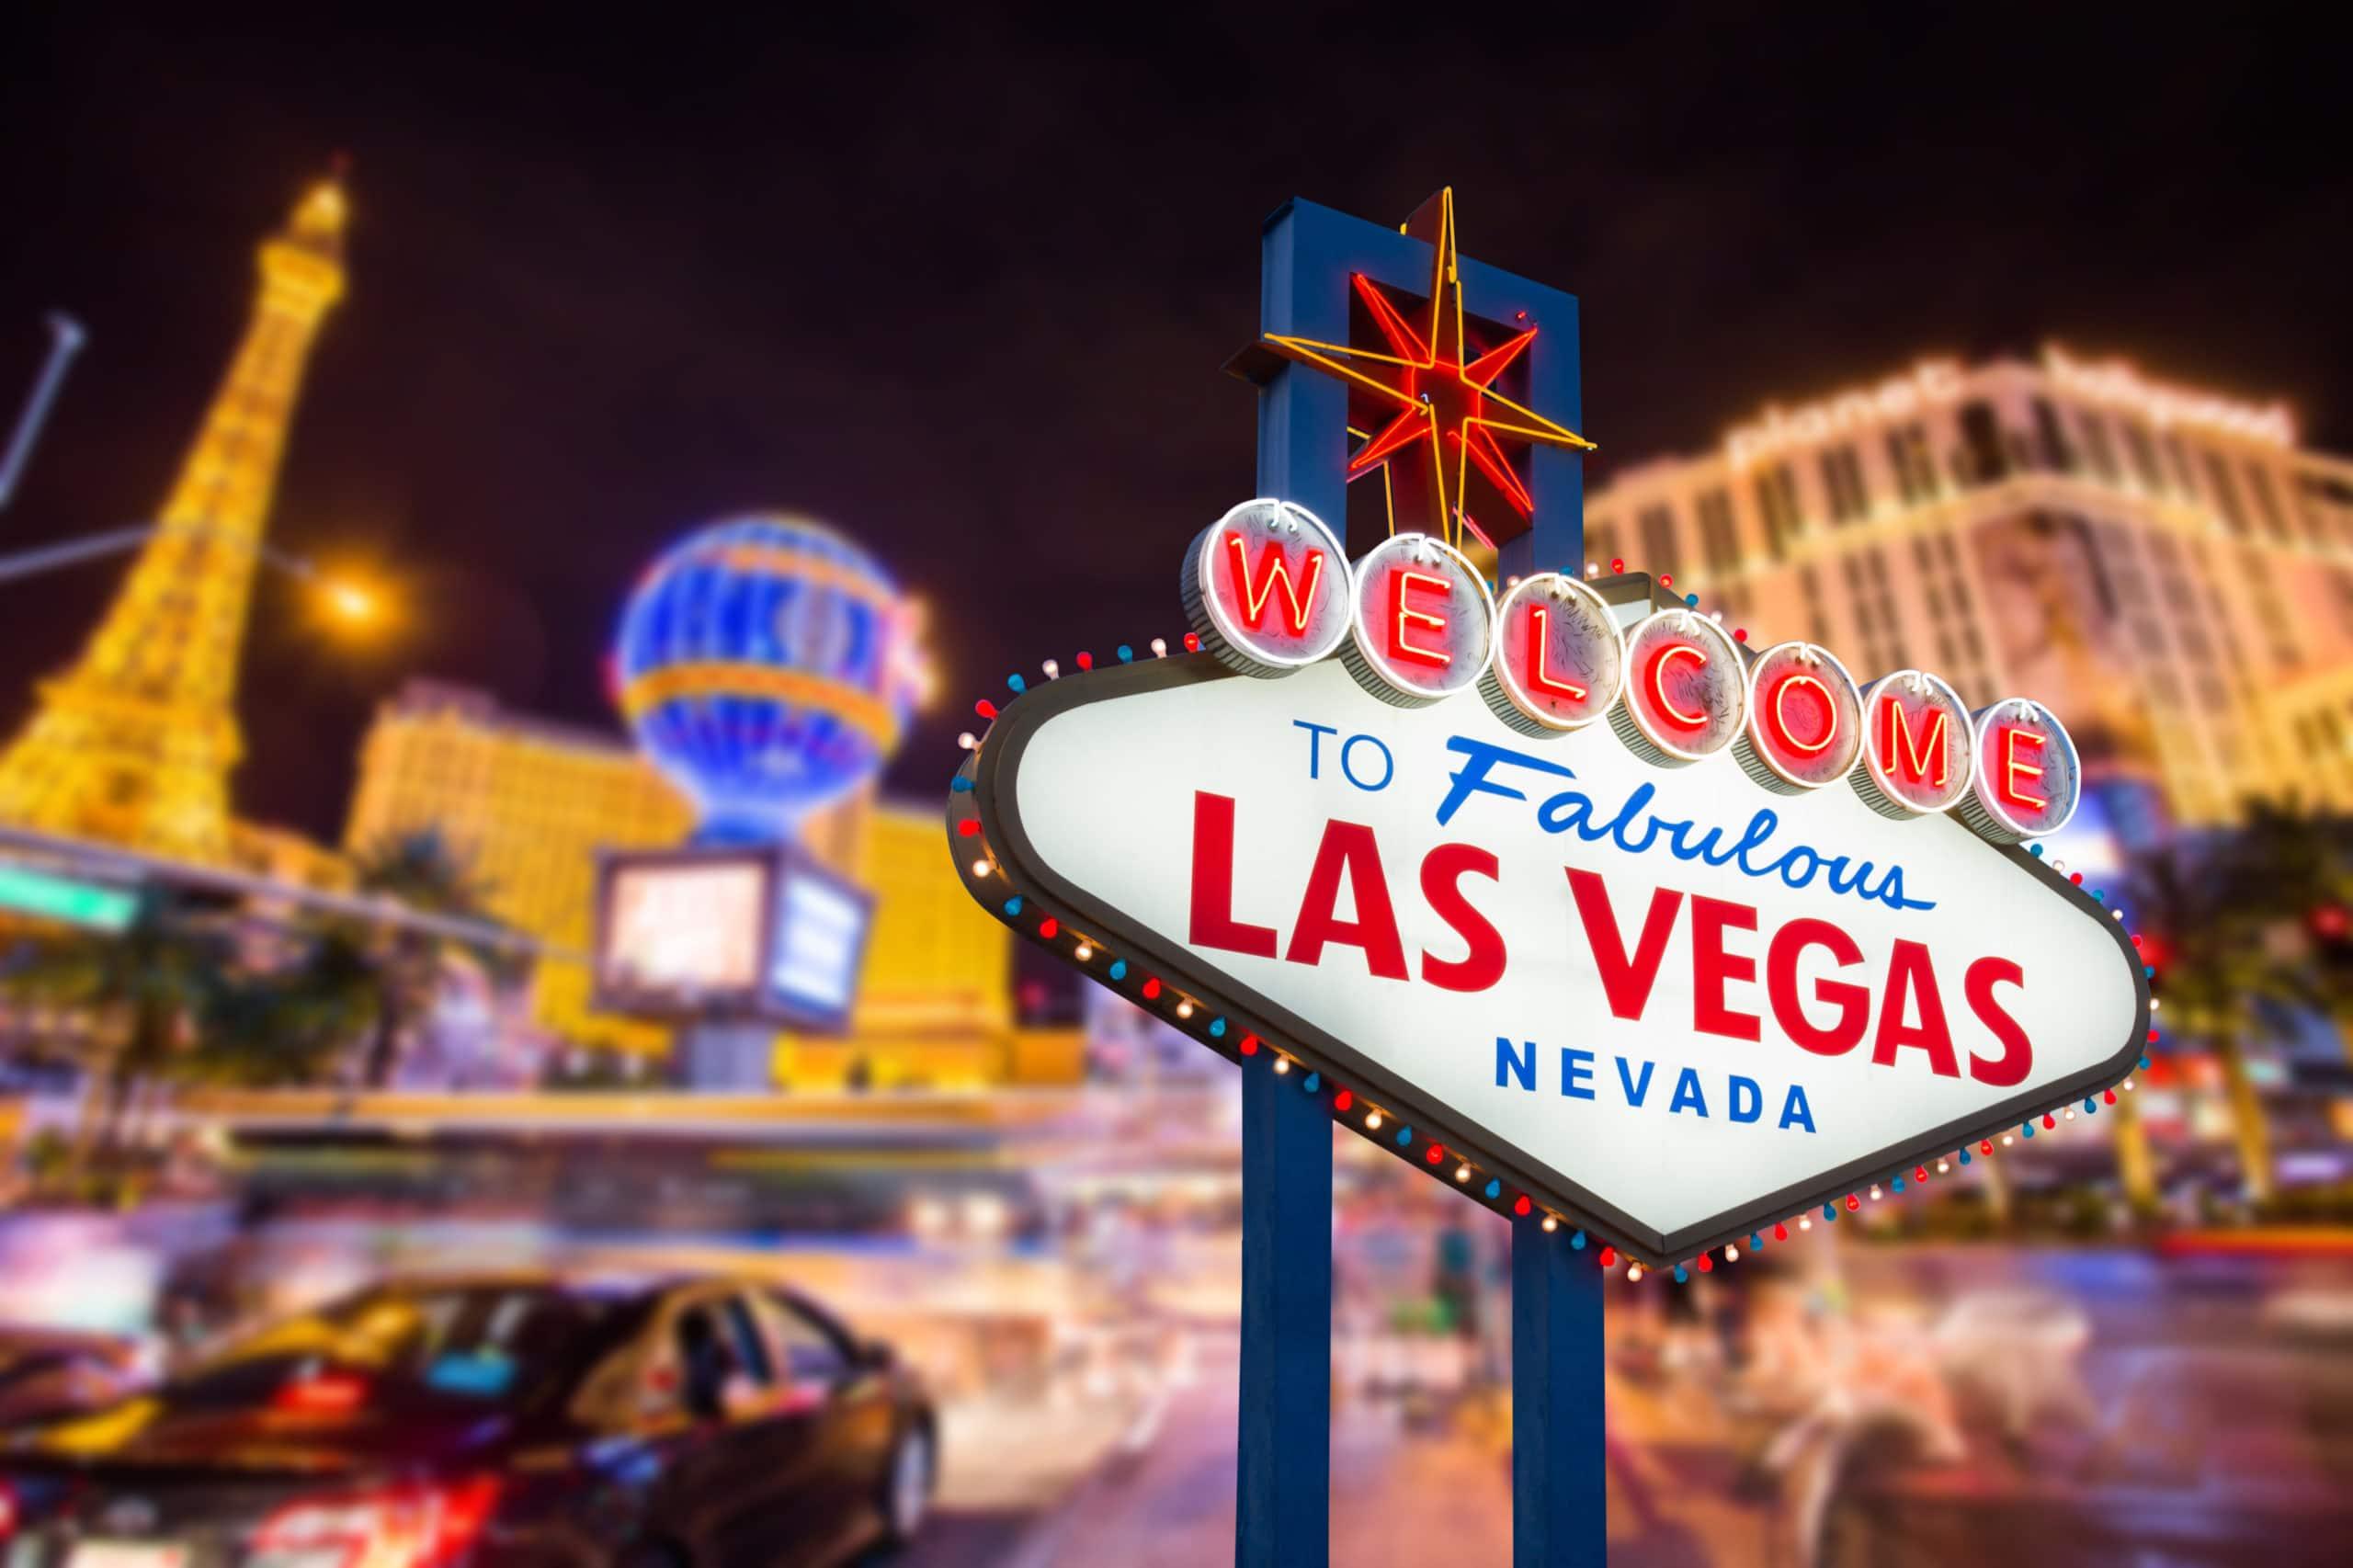 Spielerparadies Las Vegas - die bekannteste Casino-City foto: shutterstock